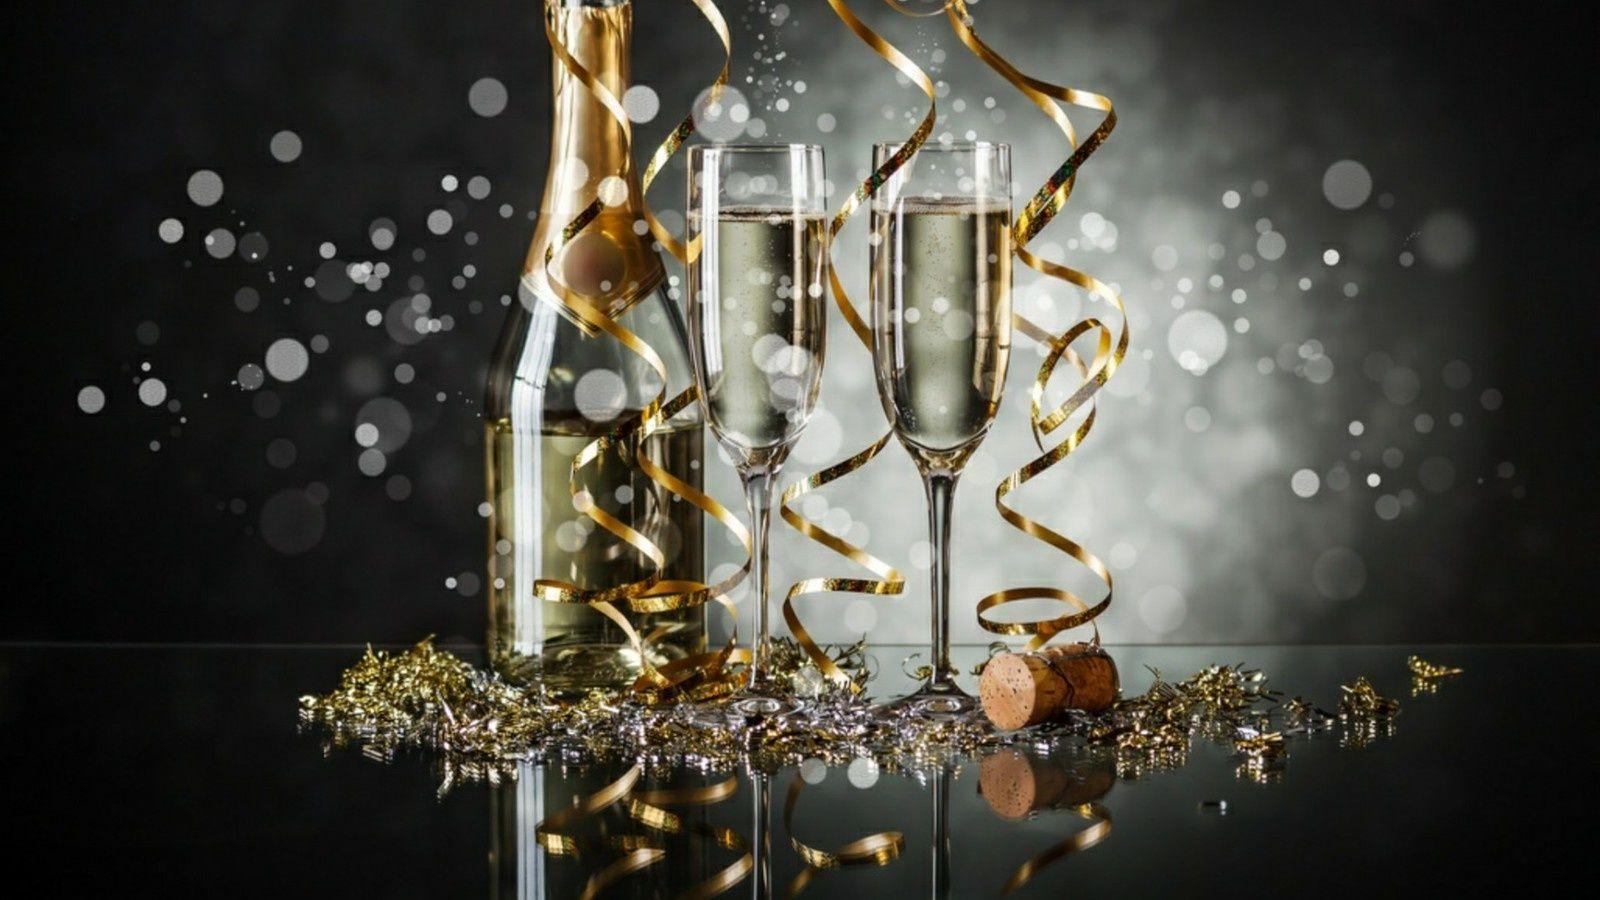 Bonne Année 2019 - Verres - Champagne - Table - Fêtes ...